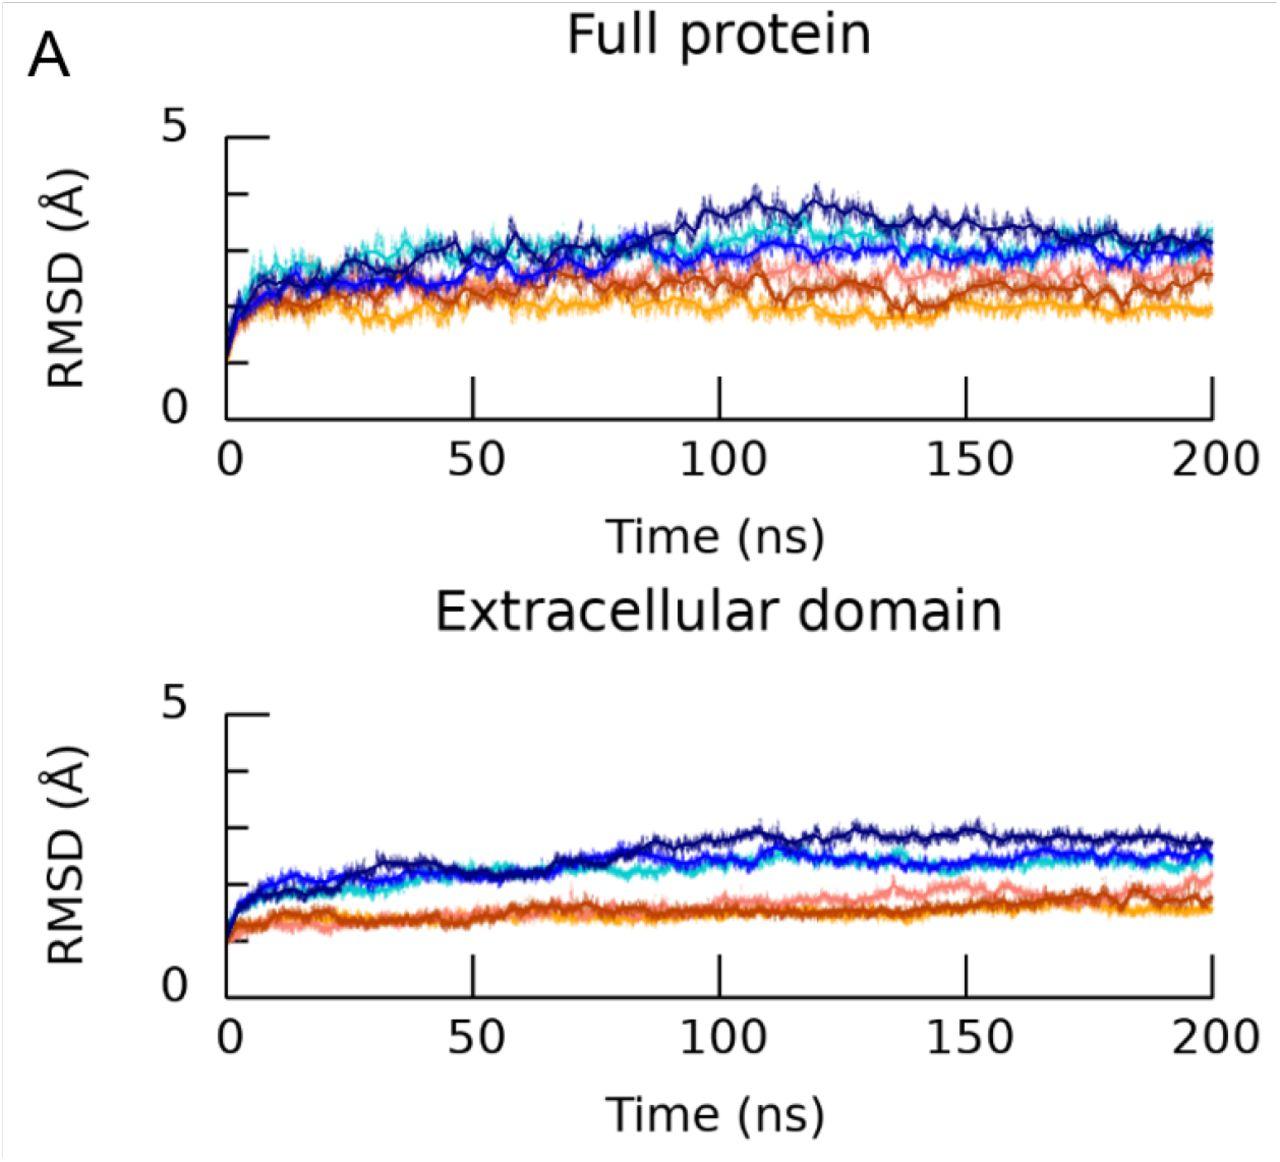 β11-12 linker isomerization governs Acid-sensing ion channel